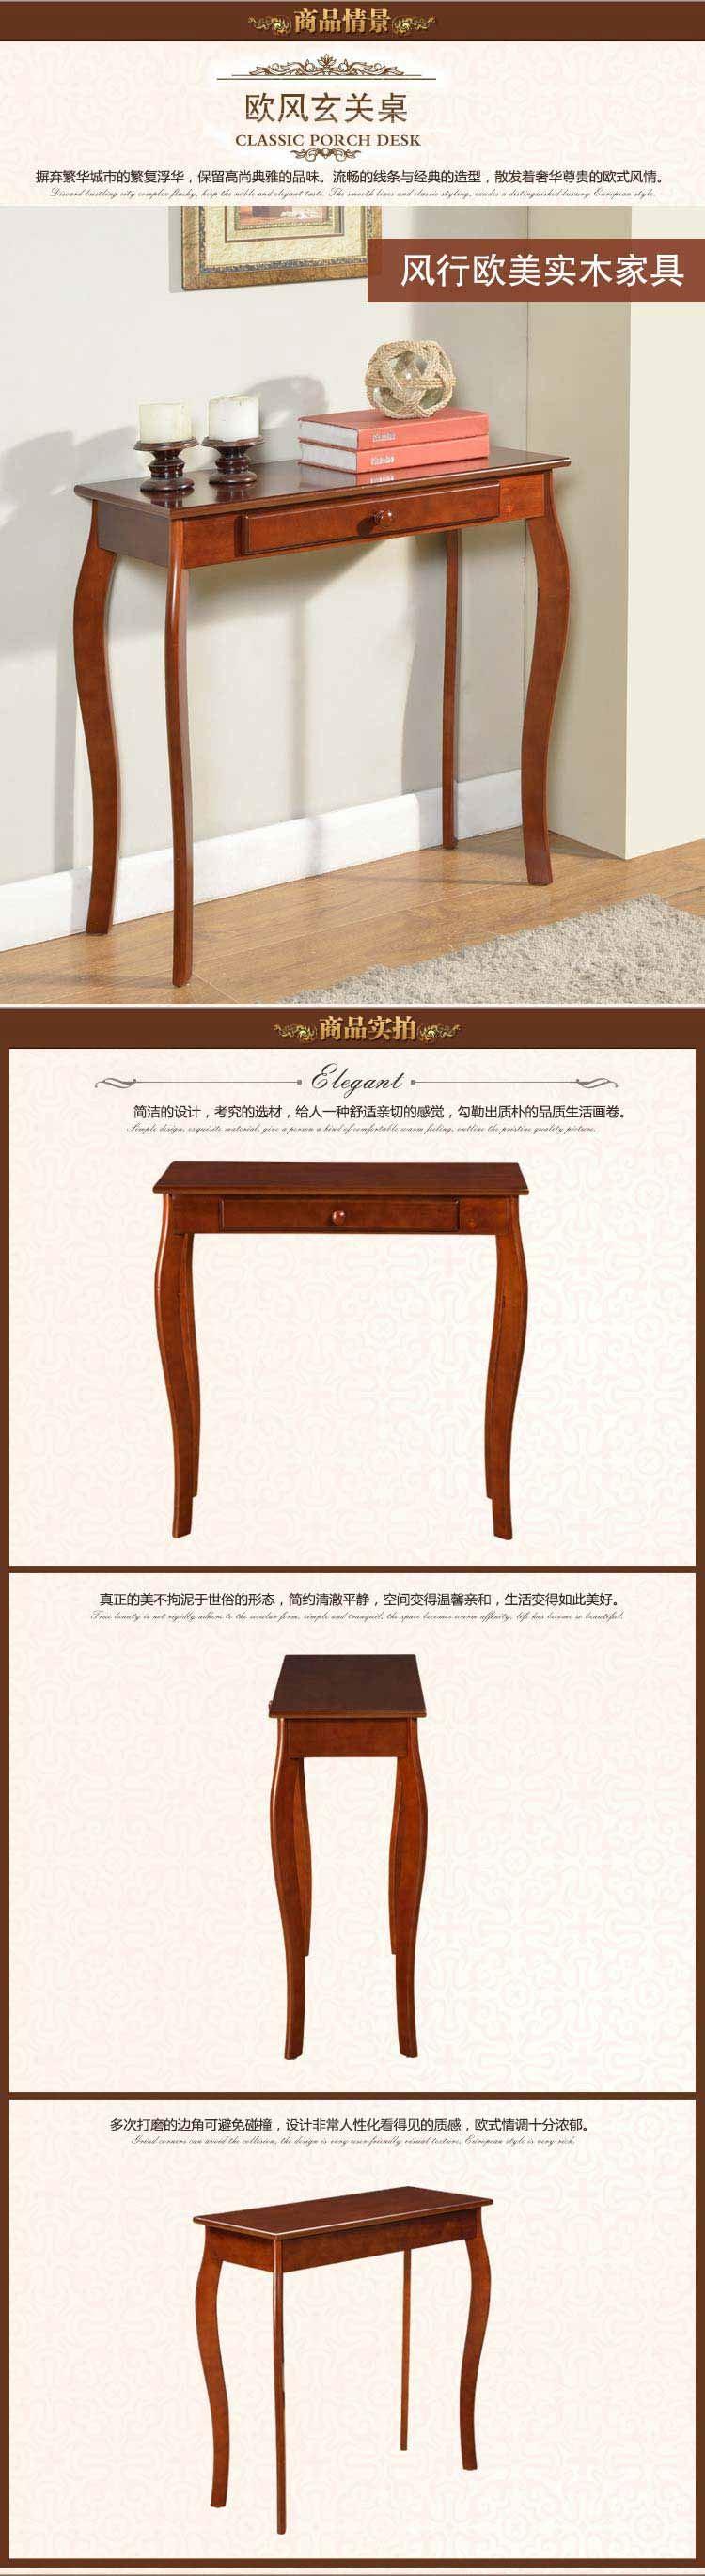 4交合性能好,是制作欧式实木家具的上等材料.